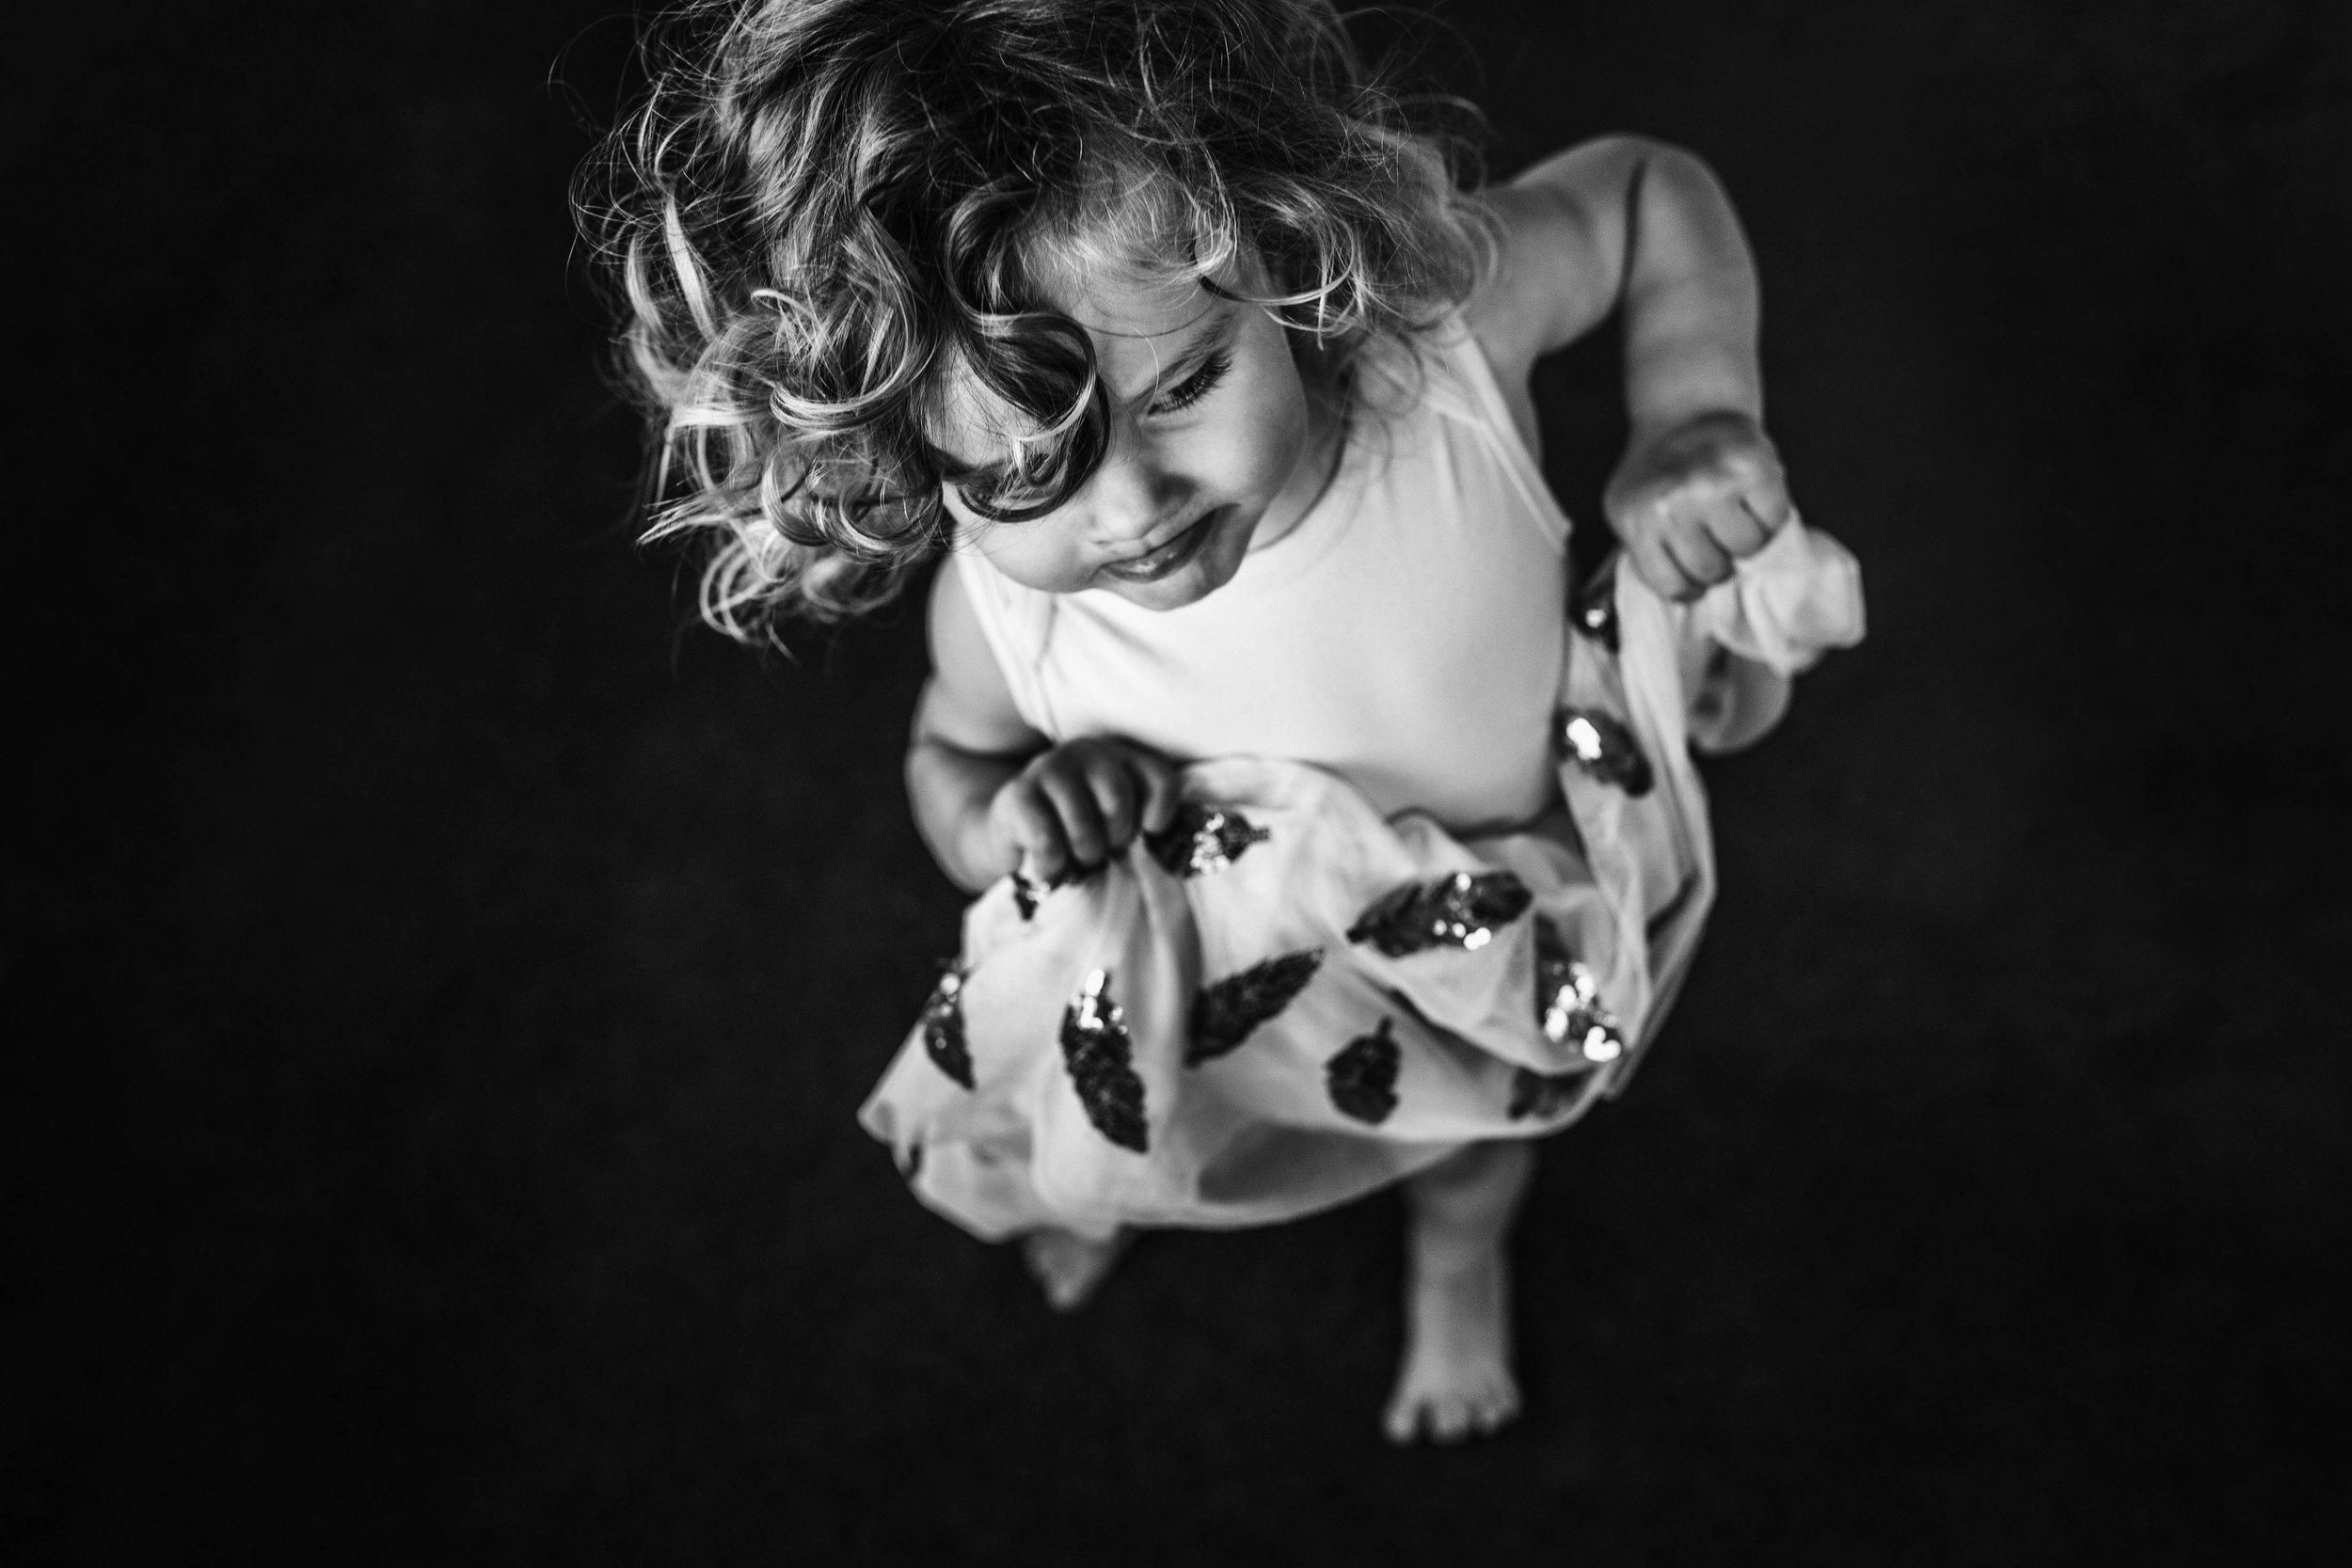 little-girl-dancing-on-carpeted-floor.jpg